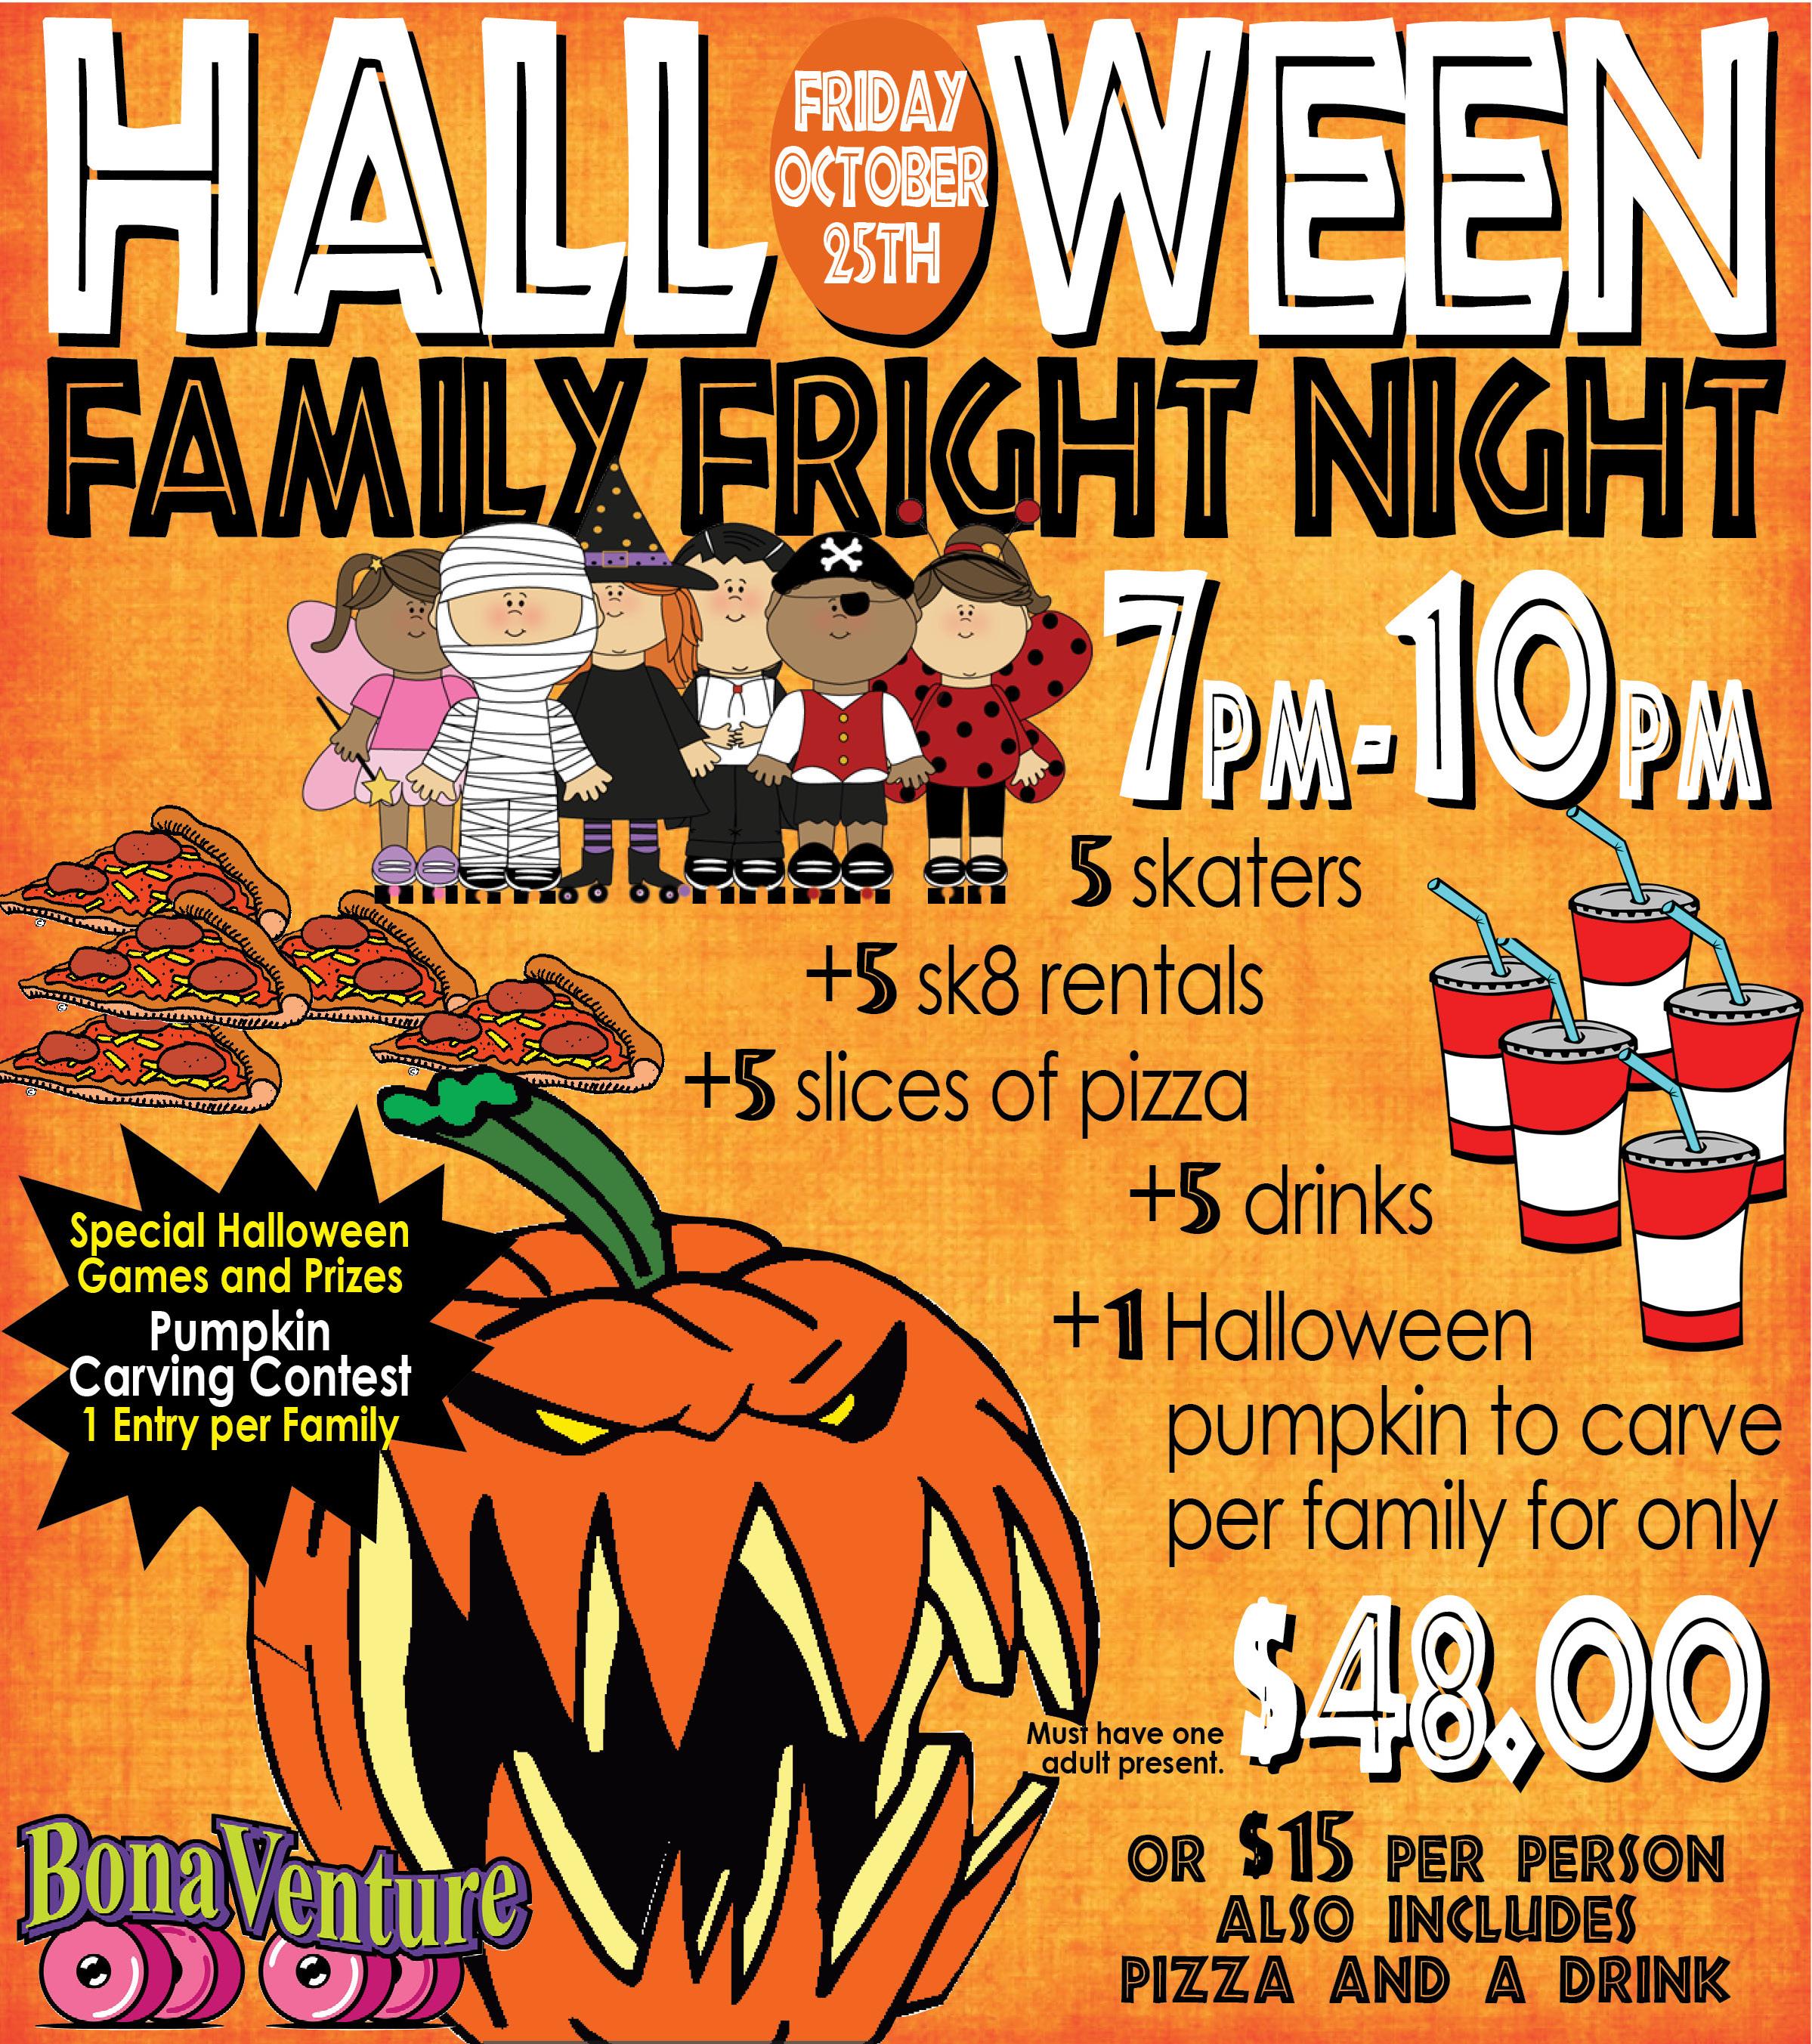 Family Fright Night